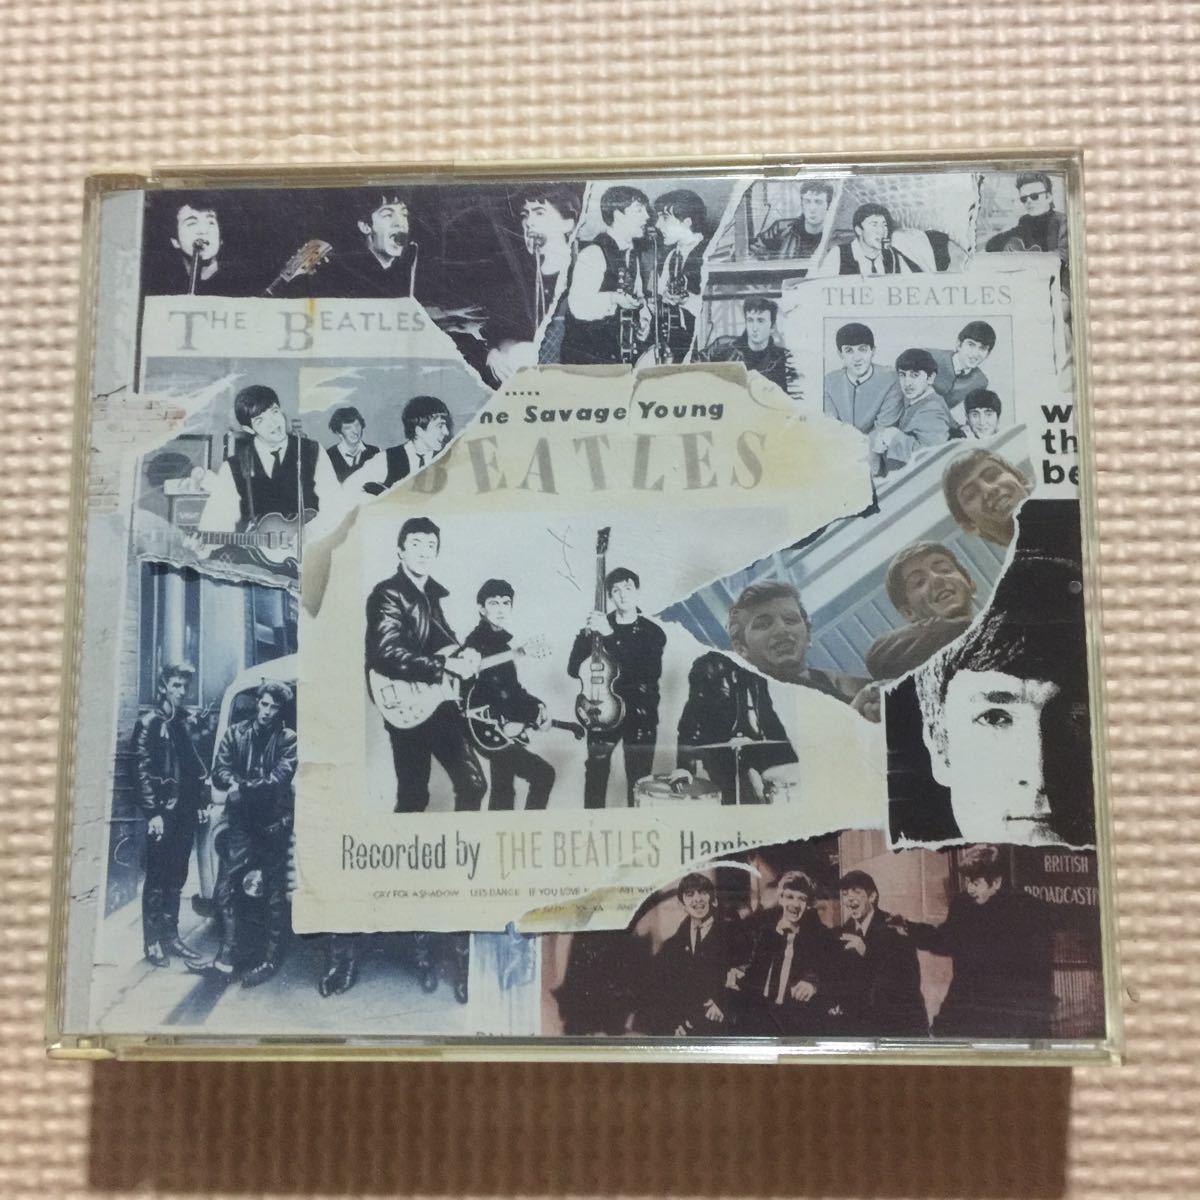 ザ・ビートルズ アンソロジー1 (The Beatles Anthology 1) EU盤2枚組CD